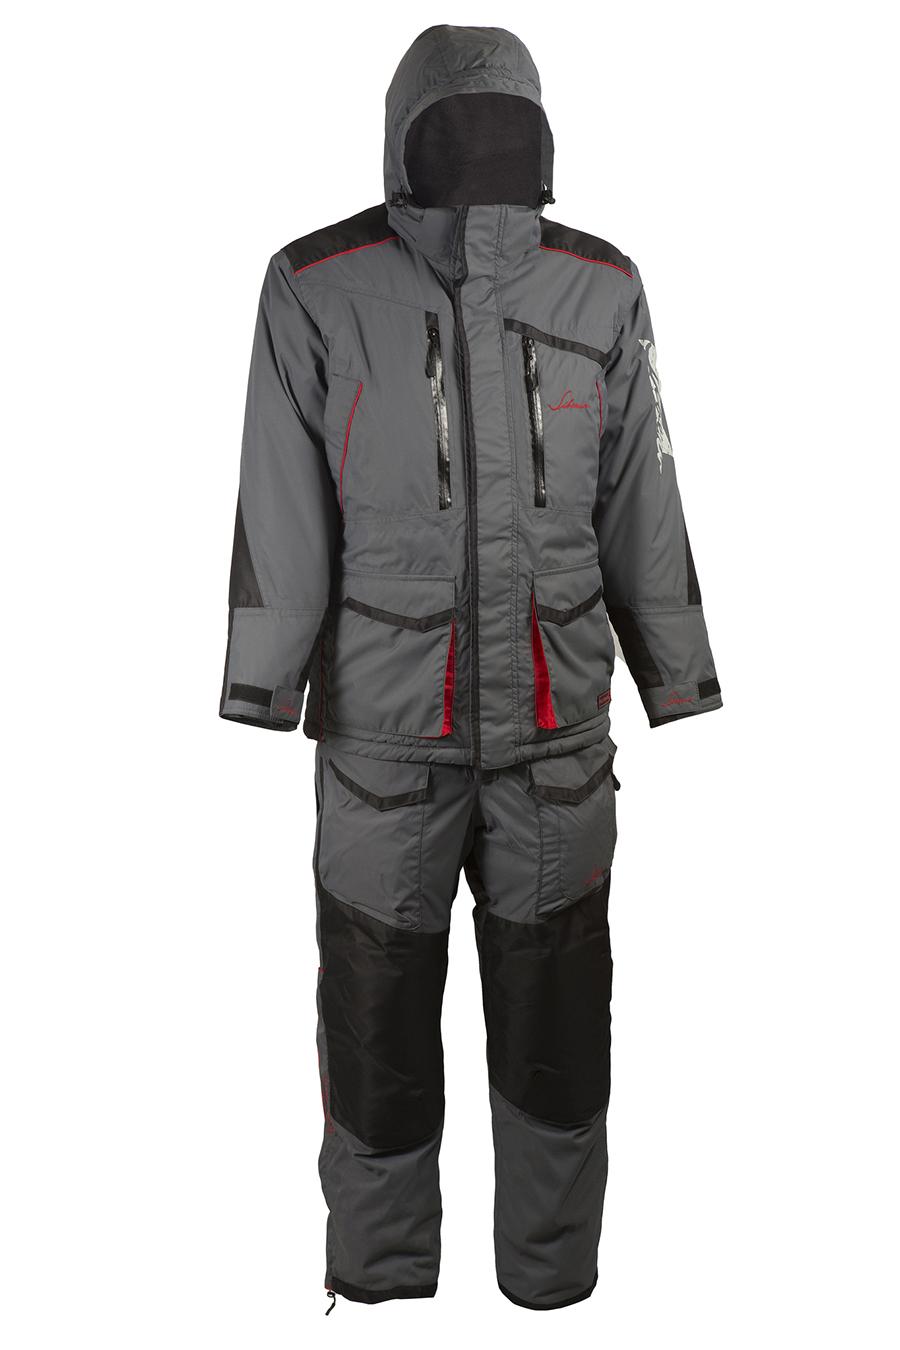 Костюм для рыбалки Huntsman Siberia, серый/черный, 44-46 RU, 166-174 см фото